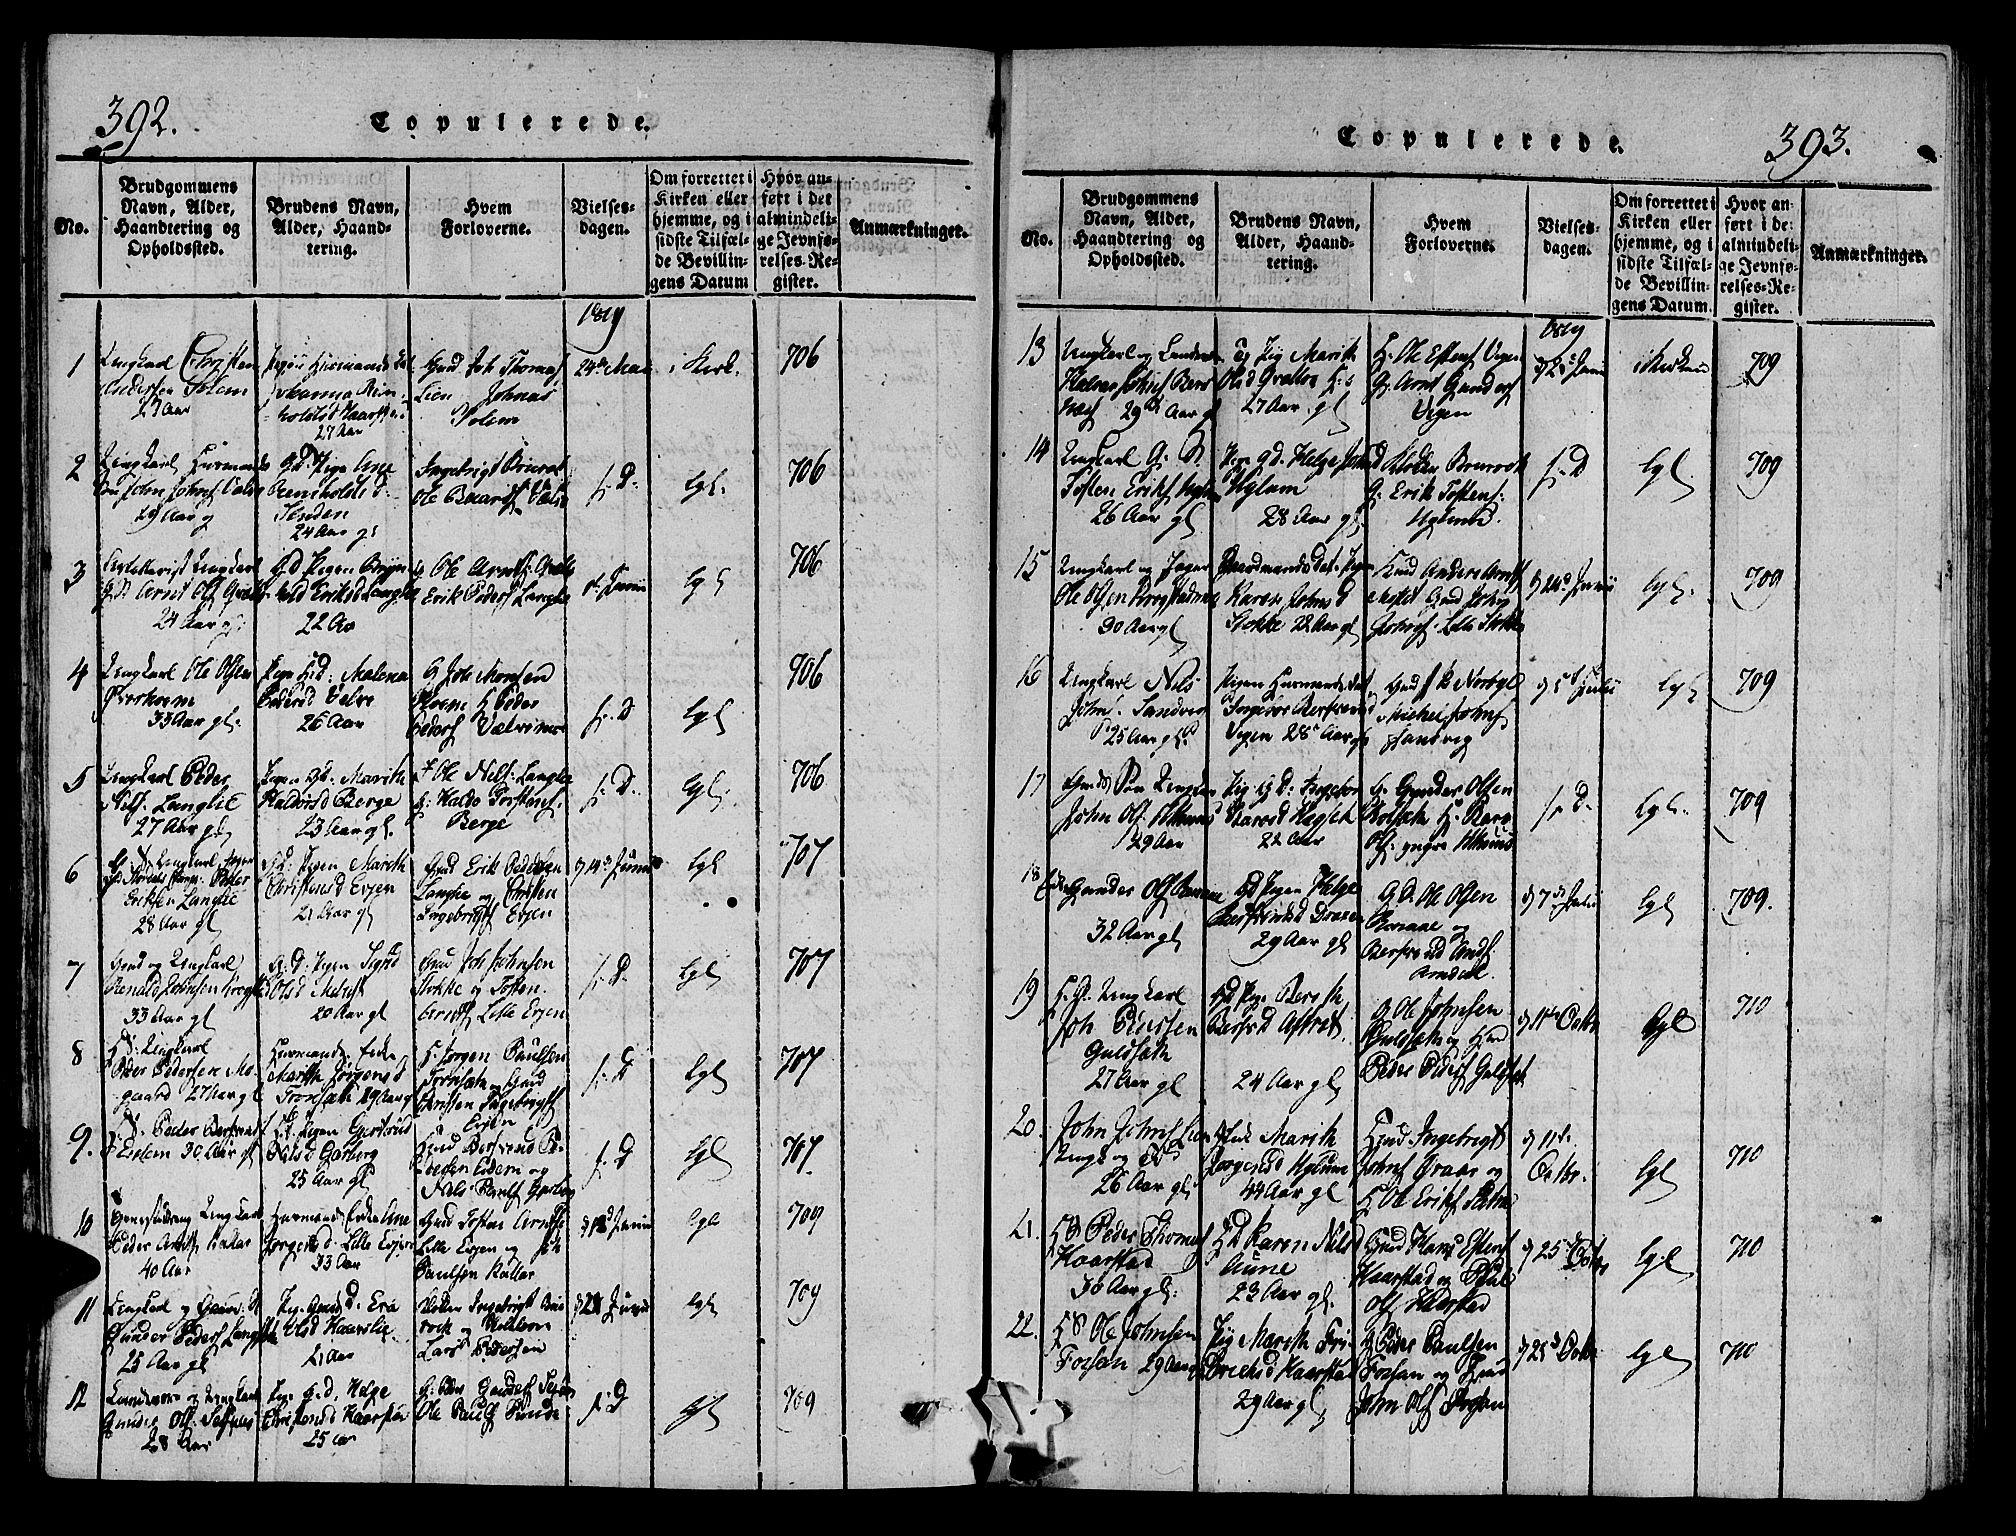 SAT, Ministerialprotokoller, klokkerbøker og fødselsregistre - Sør-Trøndelag, 695/L1141: Ministerialbok nr. 695A04 /1, 1816-1824, s. 392-393